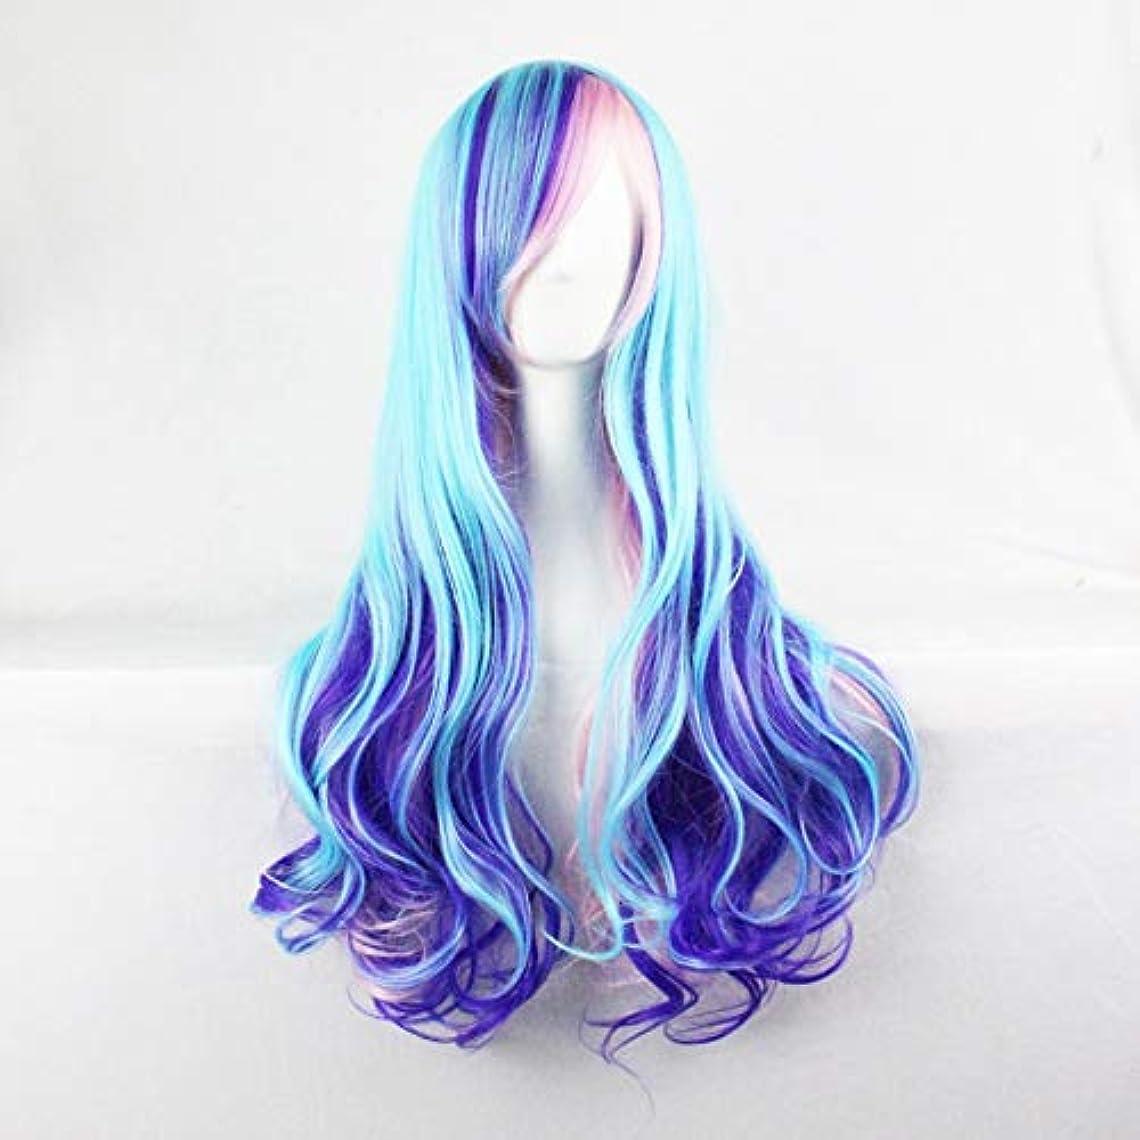 何故なのキャメルトリムかつらキャップでかつらファンシードレスカールかつら女性用高品質合成毛髪コスプレ高密度かつら女性&女の子ブルー、ピンク、パープル (Color : 青)